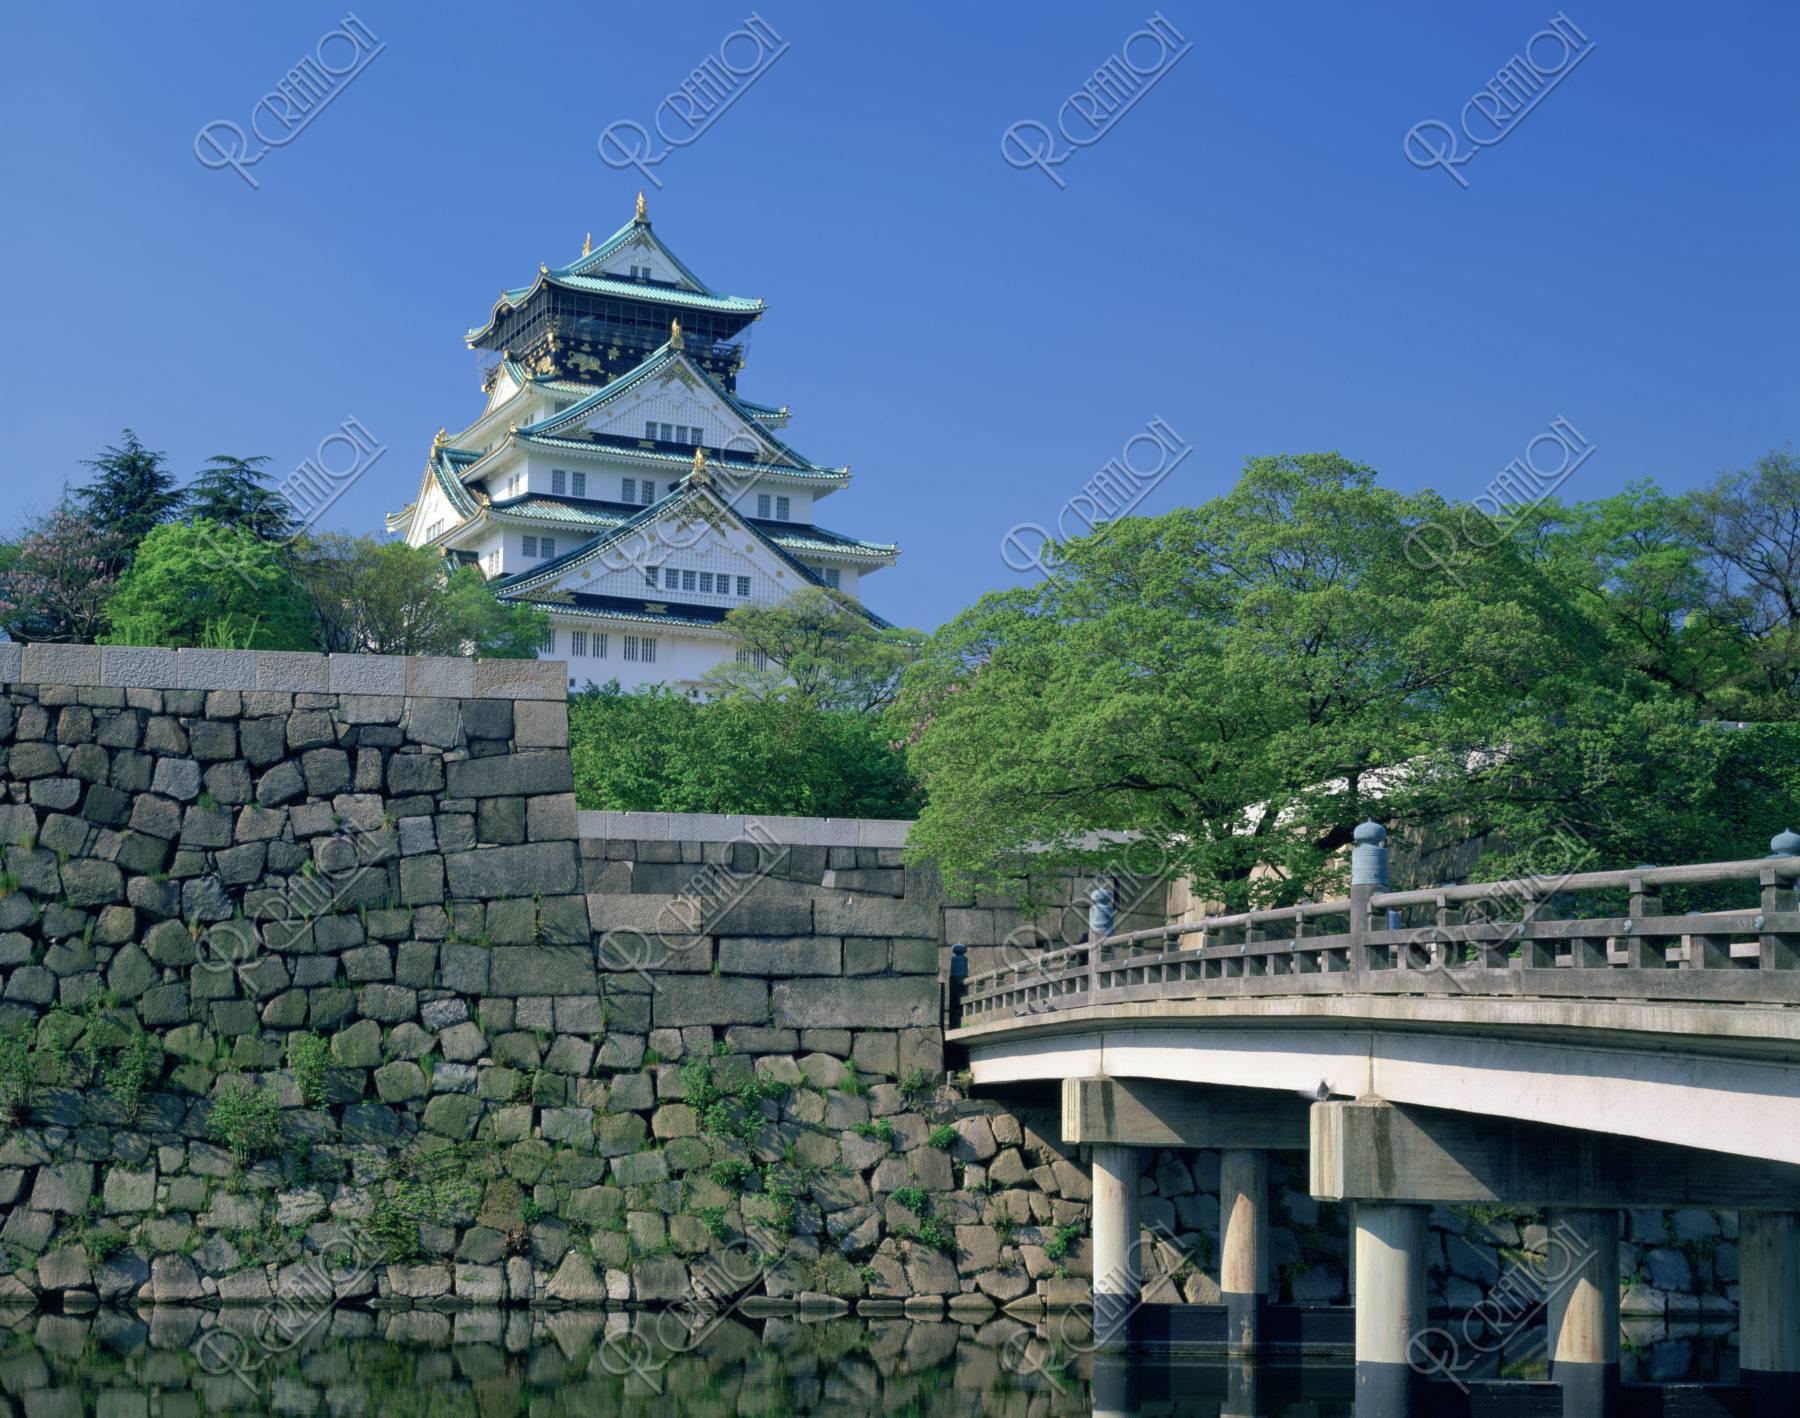 新緑の大阪城と極楽橋